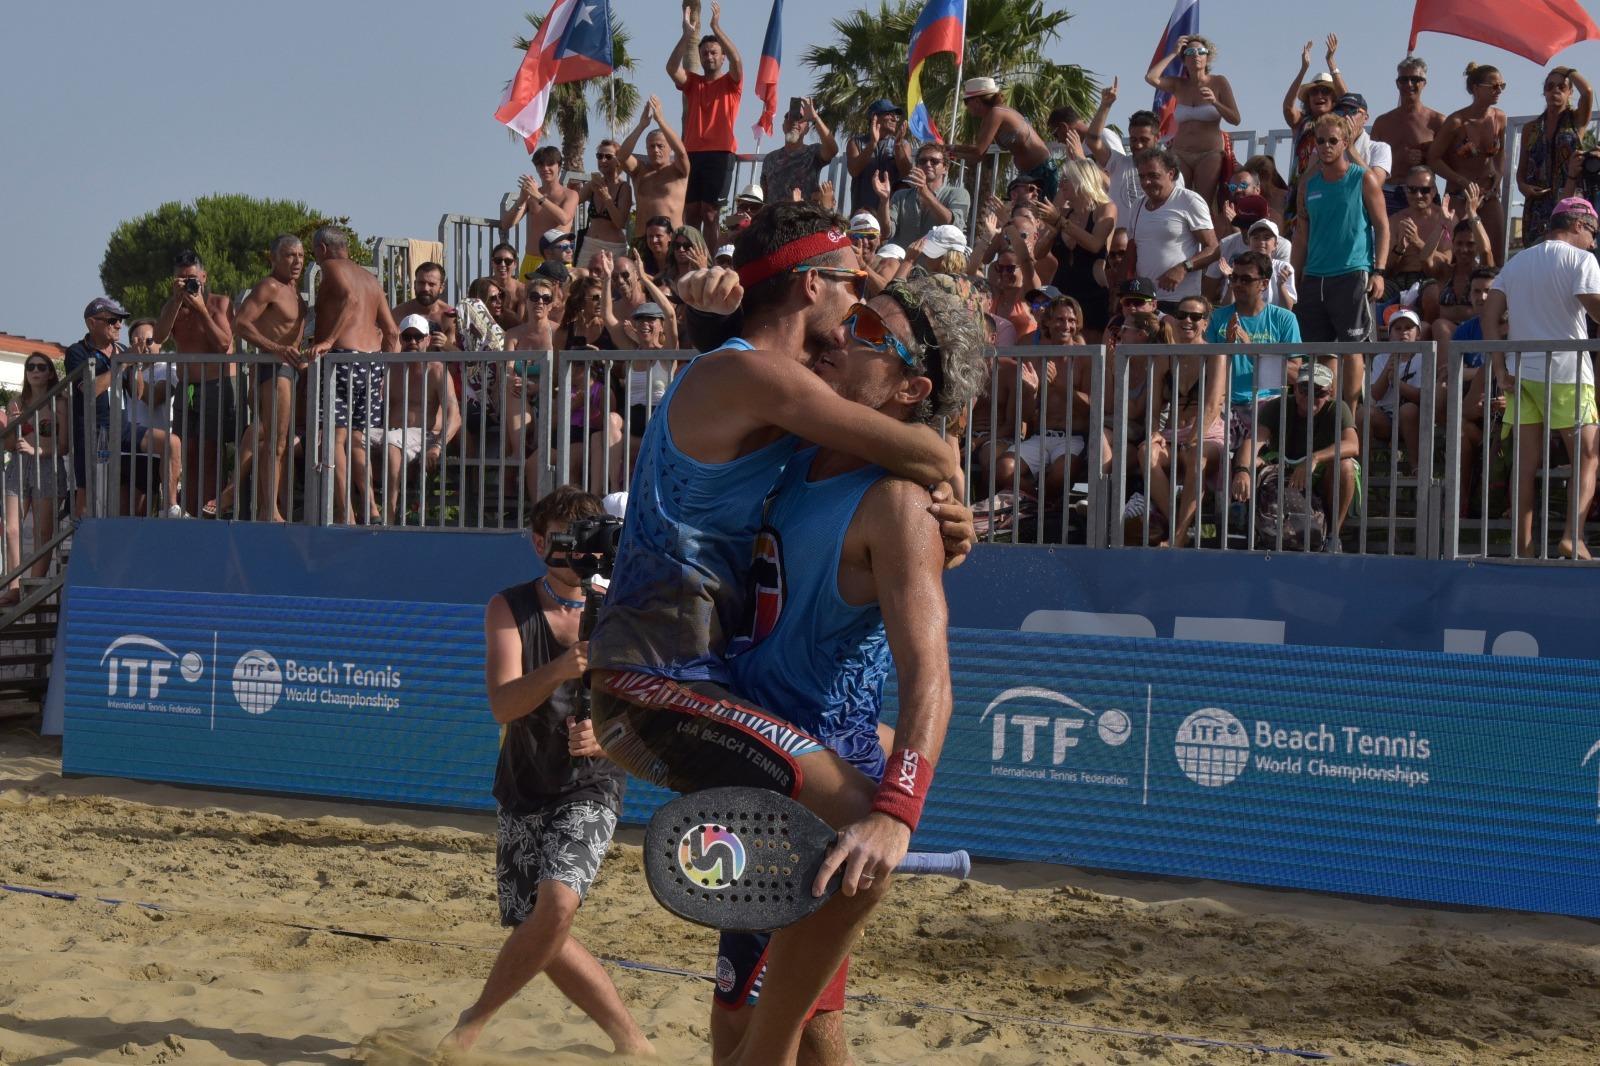 beach-tennis-mondiali-calbucci-e-cappelletti-in-finale-domani-giornata-conclusiva-con-lo-show-di-monte-e-dj-kevs